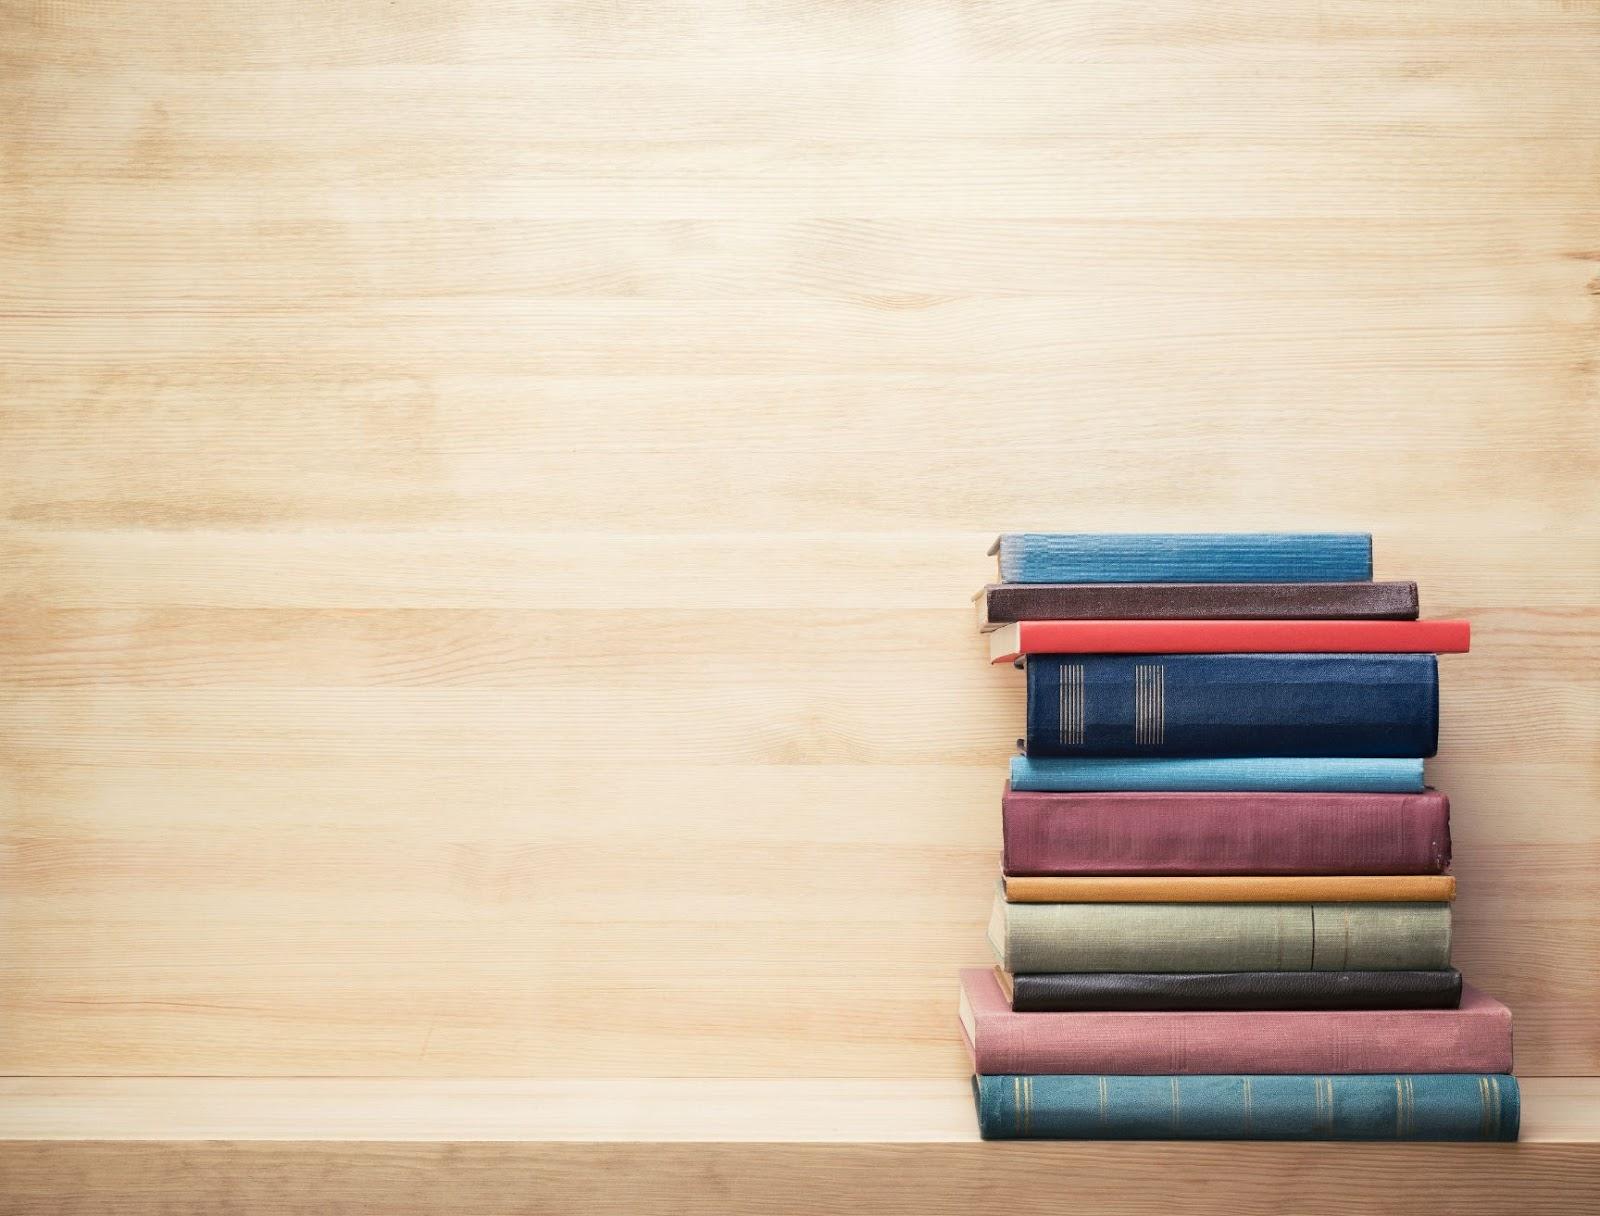 efecte asupra viziunii cărților